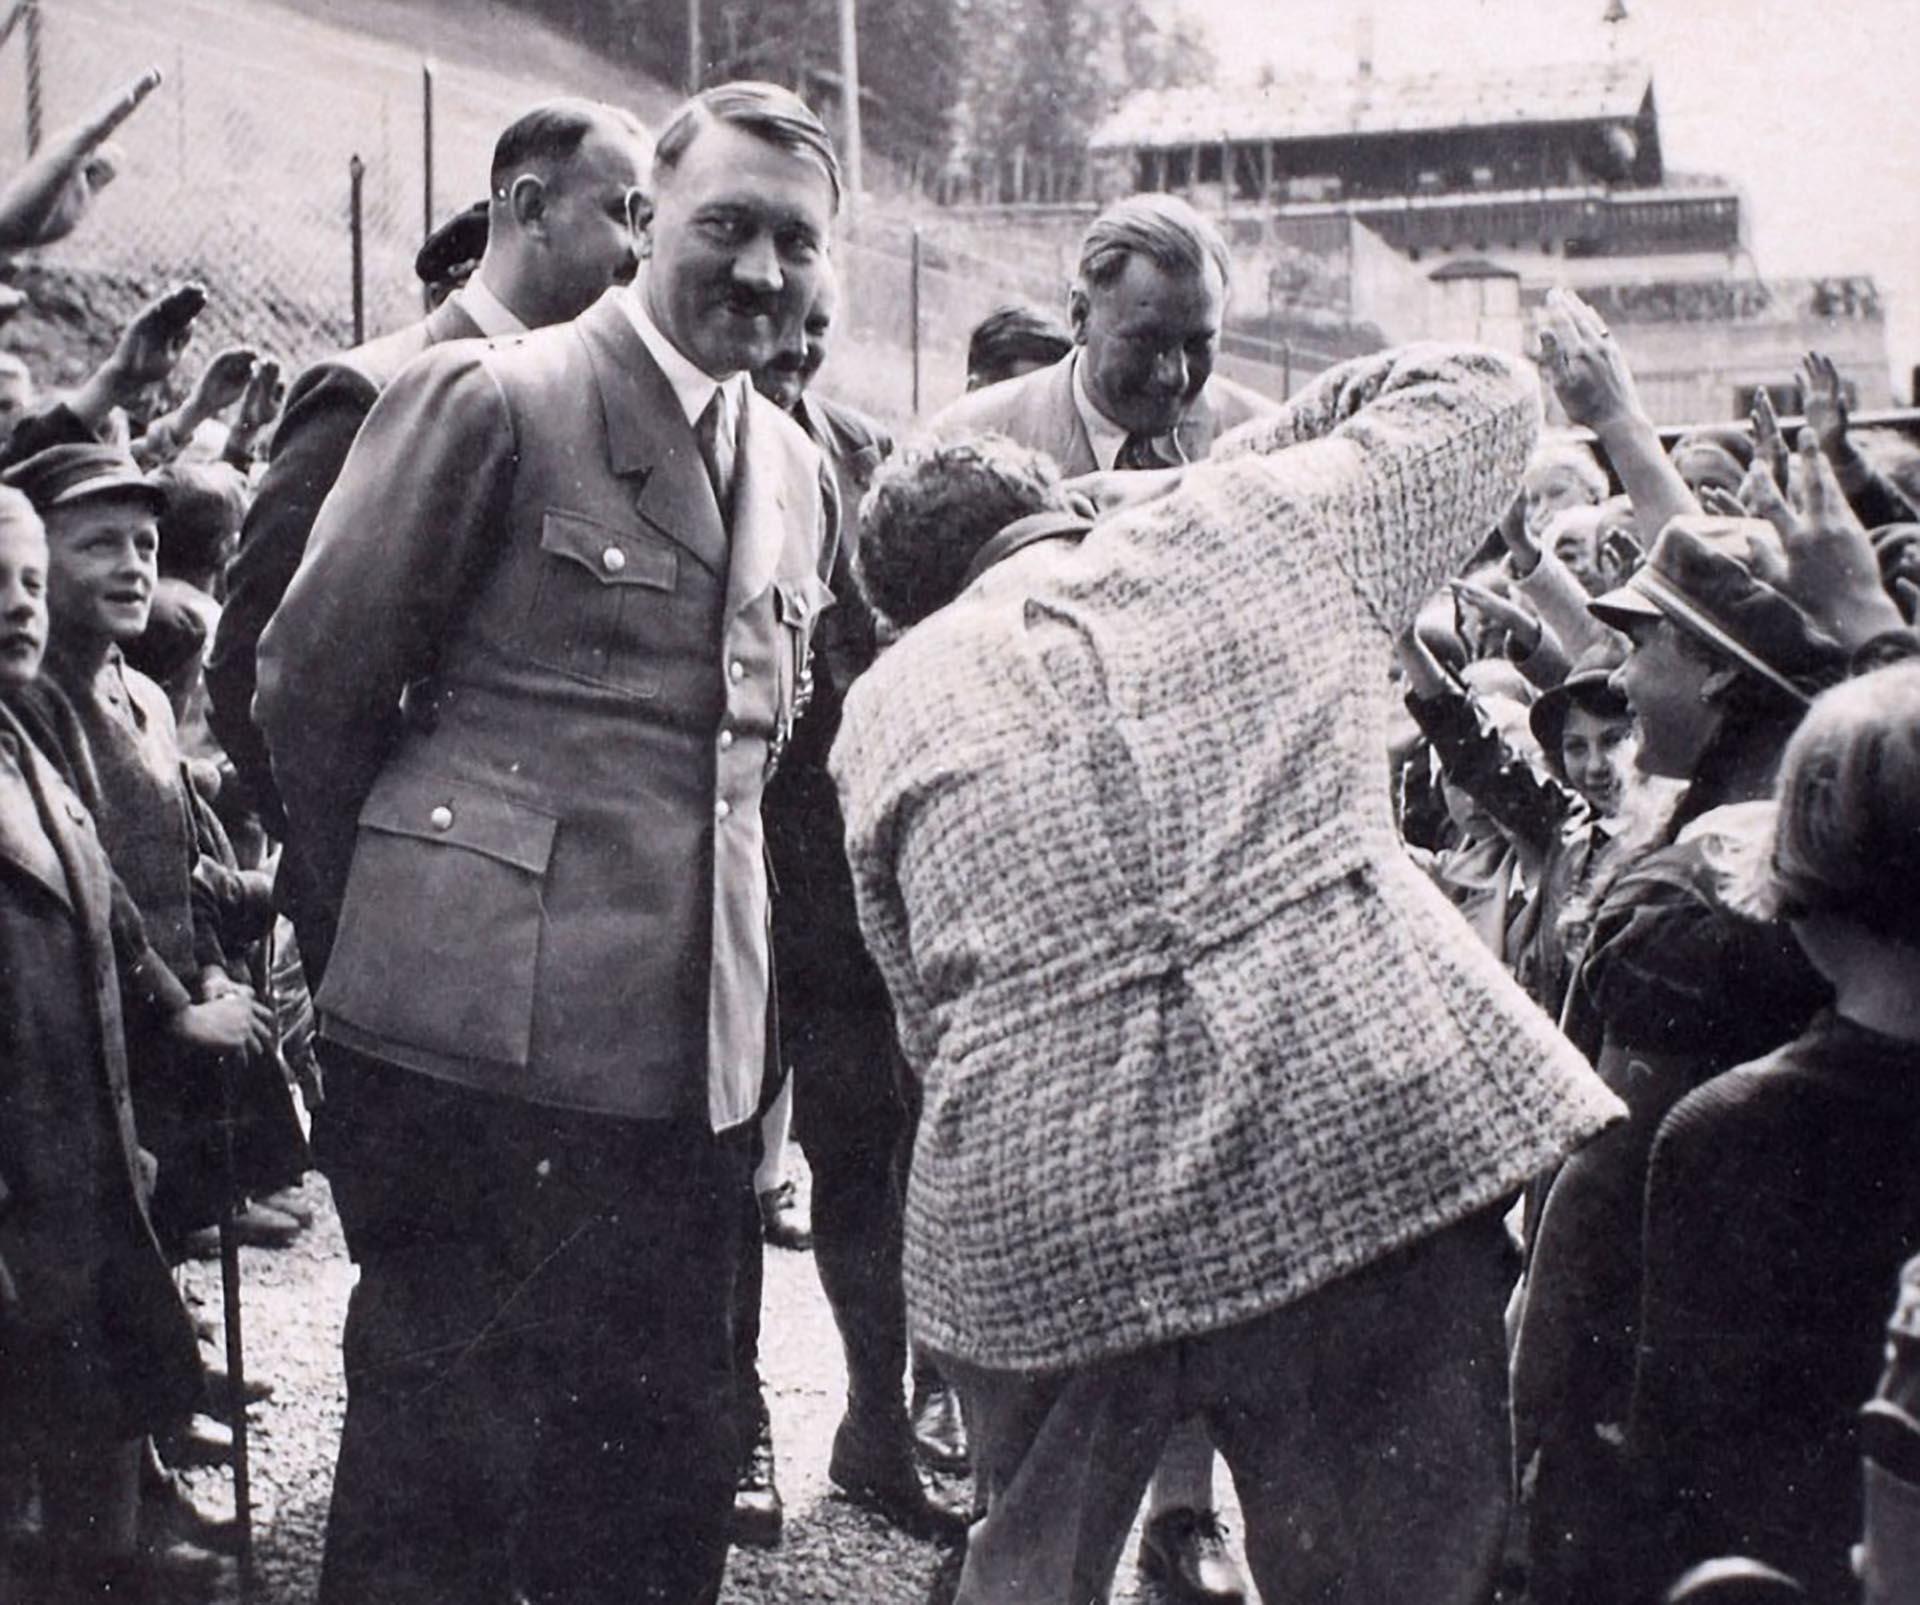 En la Bavaria, en la base de Berghof, Hitler saluda a niños. Sonriente, detrás se oculta una máquina de muerte